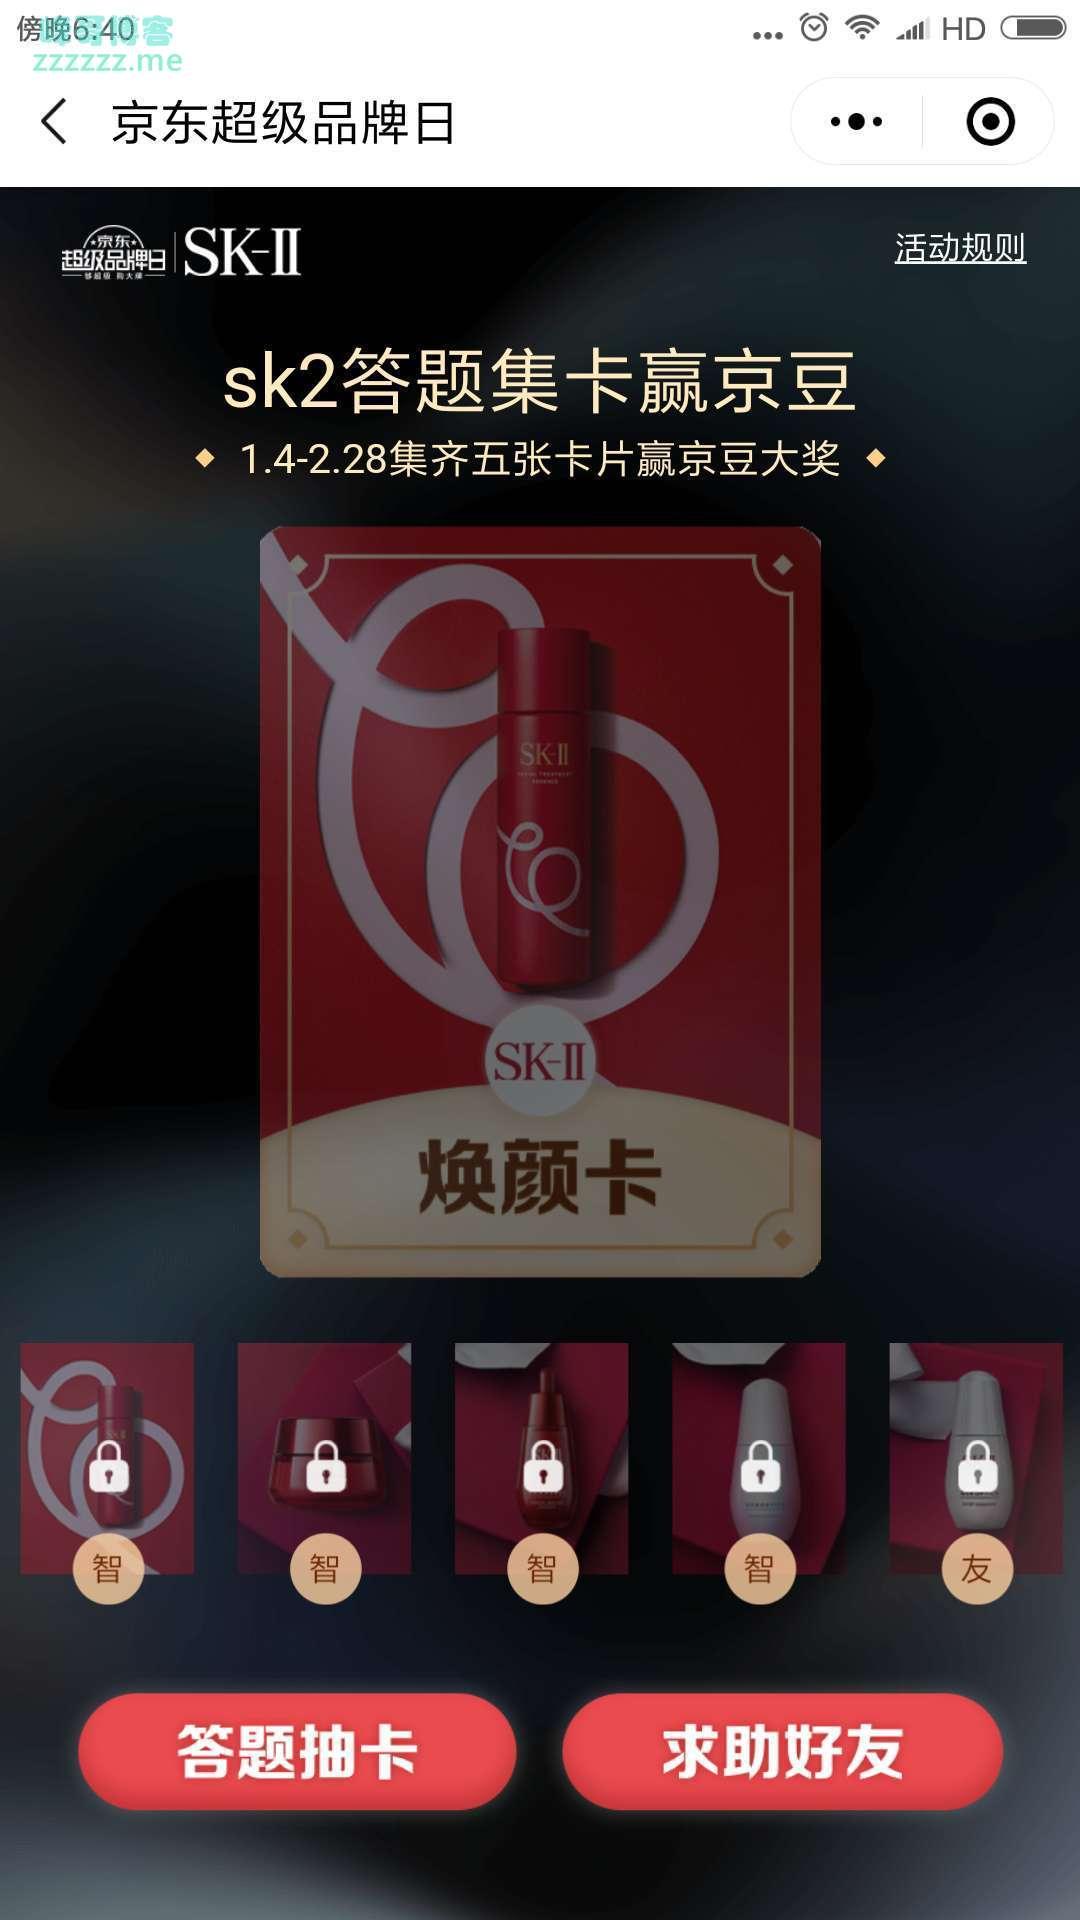 <京东>SK2 集卡最高赢8888京豆(截止2月28日)